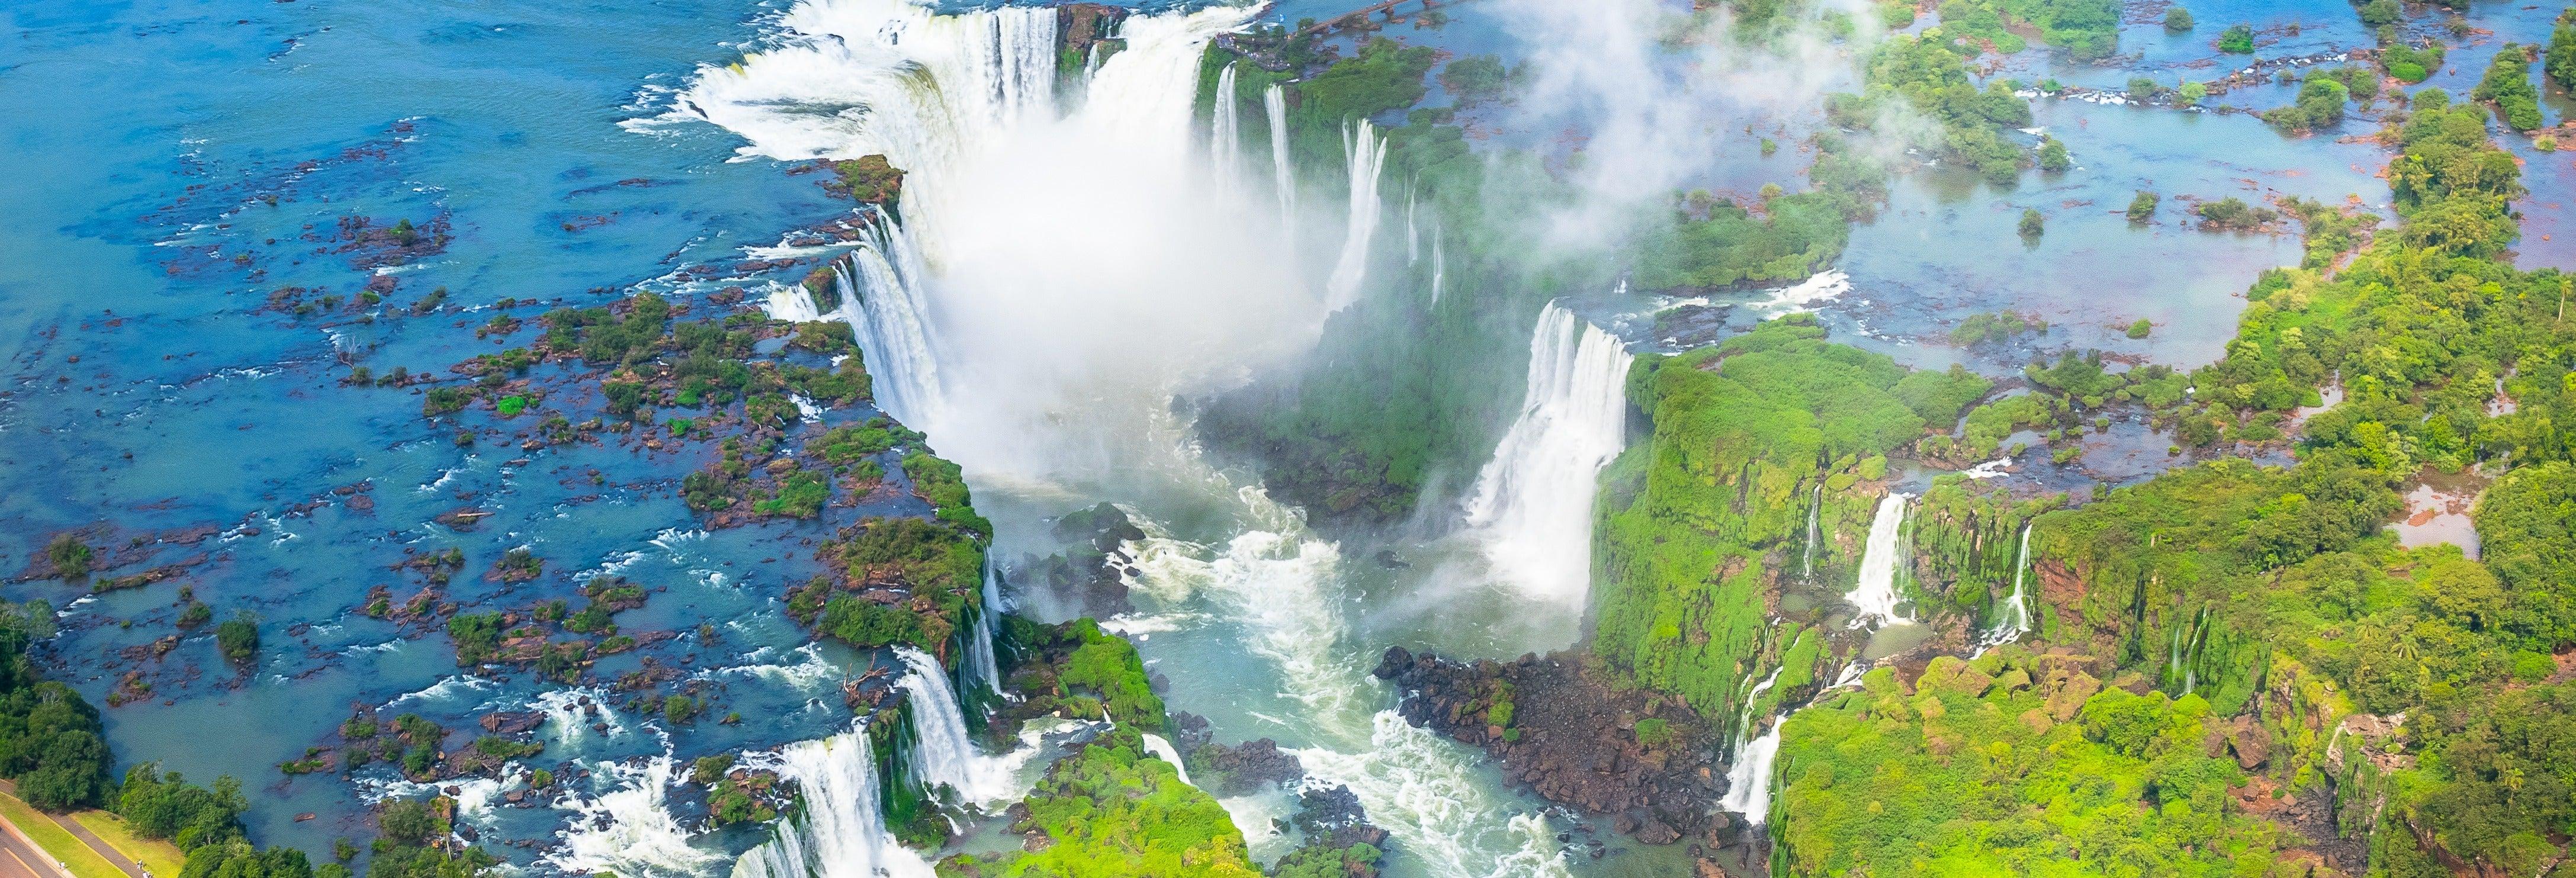 Escursione privata alle Cascate dell'Iguazú